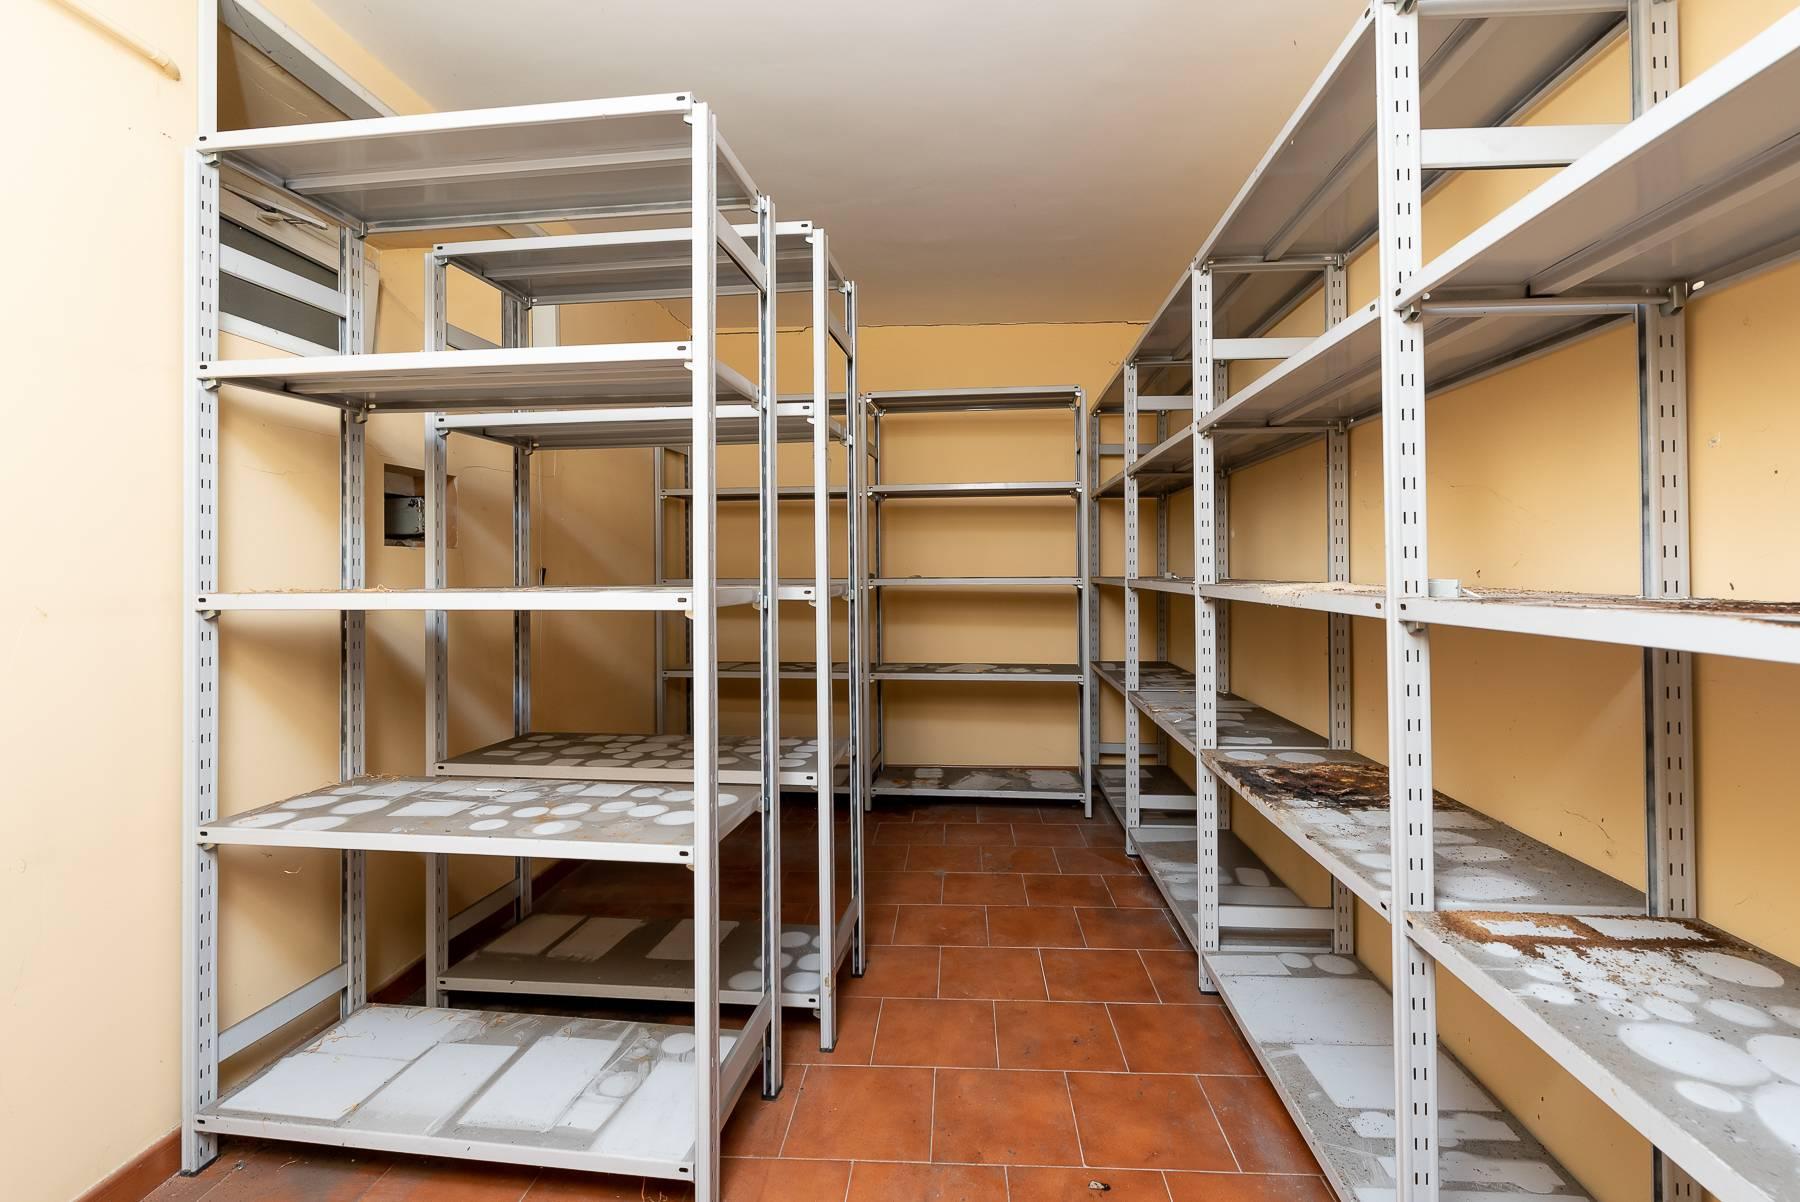 Ufficio-studio in Vendita a Roma: 5 locali, 322 mq - Foto 20